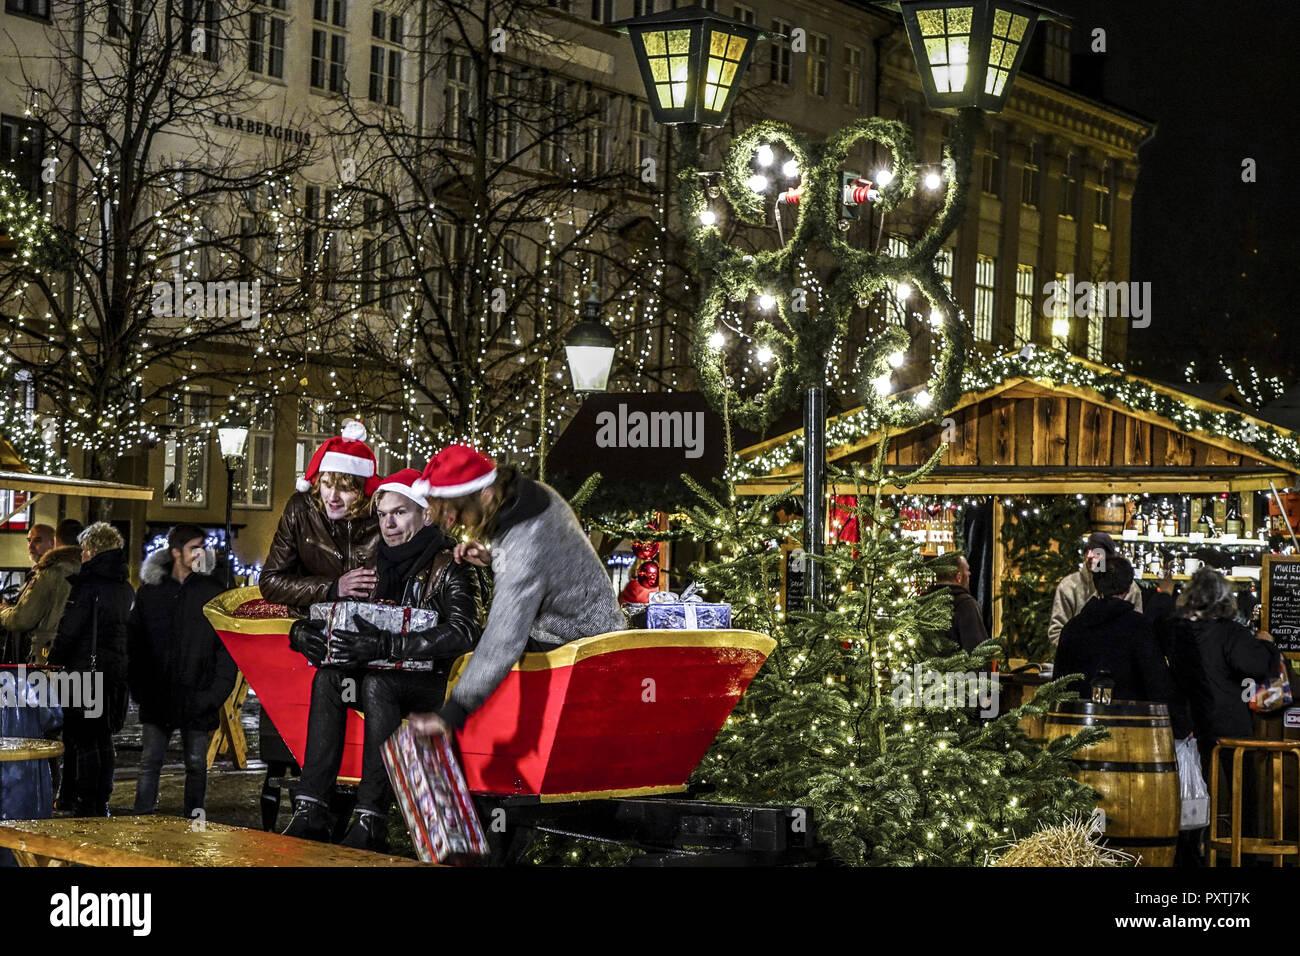 Weihnachtsmarkt H.Weihnachtsmarkt Mit Dem H Bro Plads Innenstadt Kopenhagen